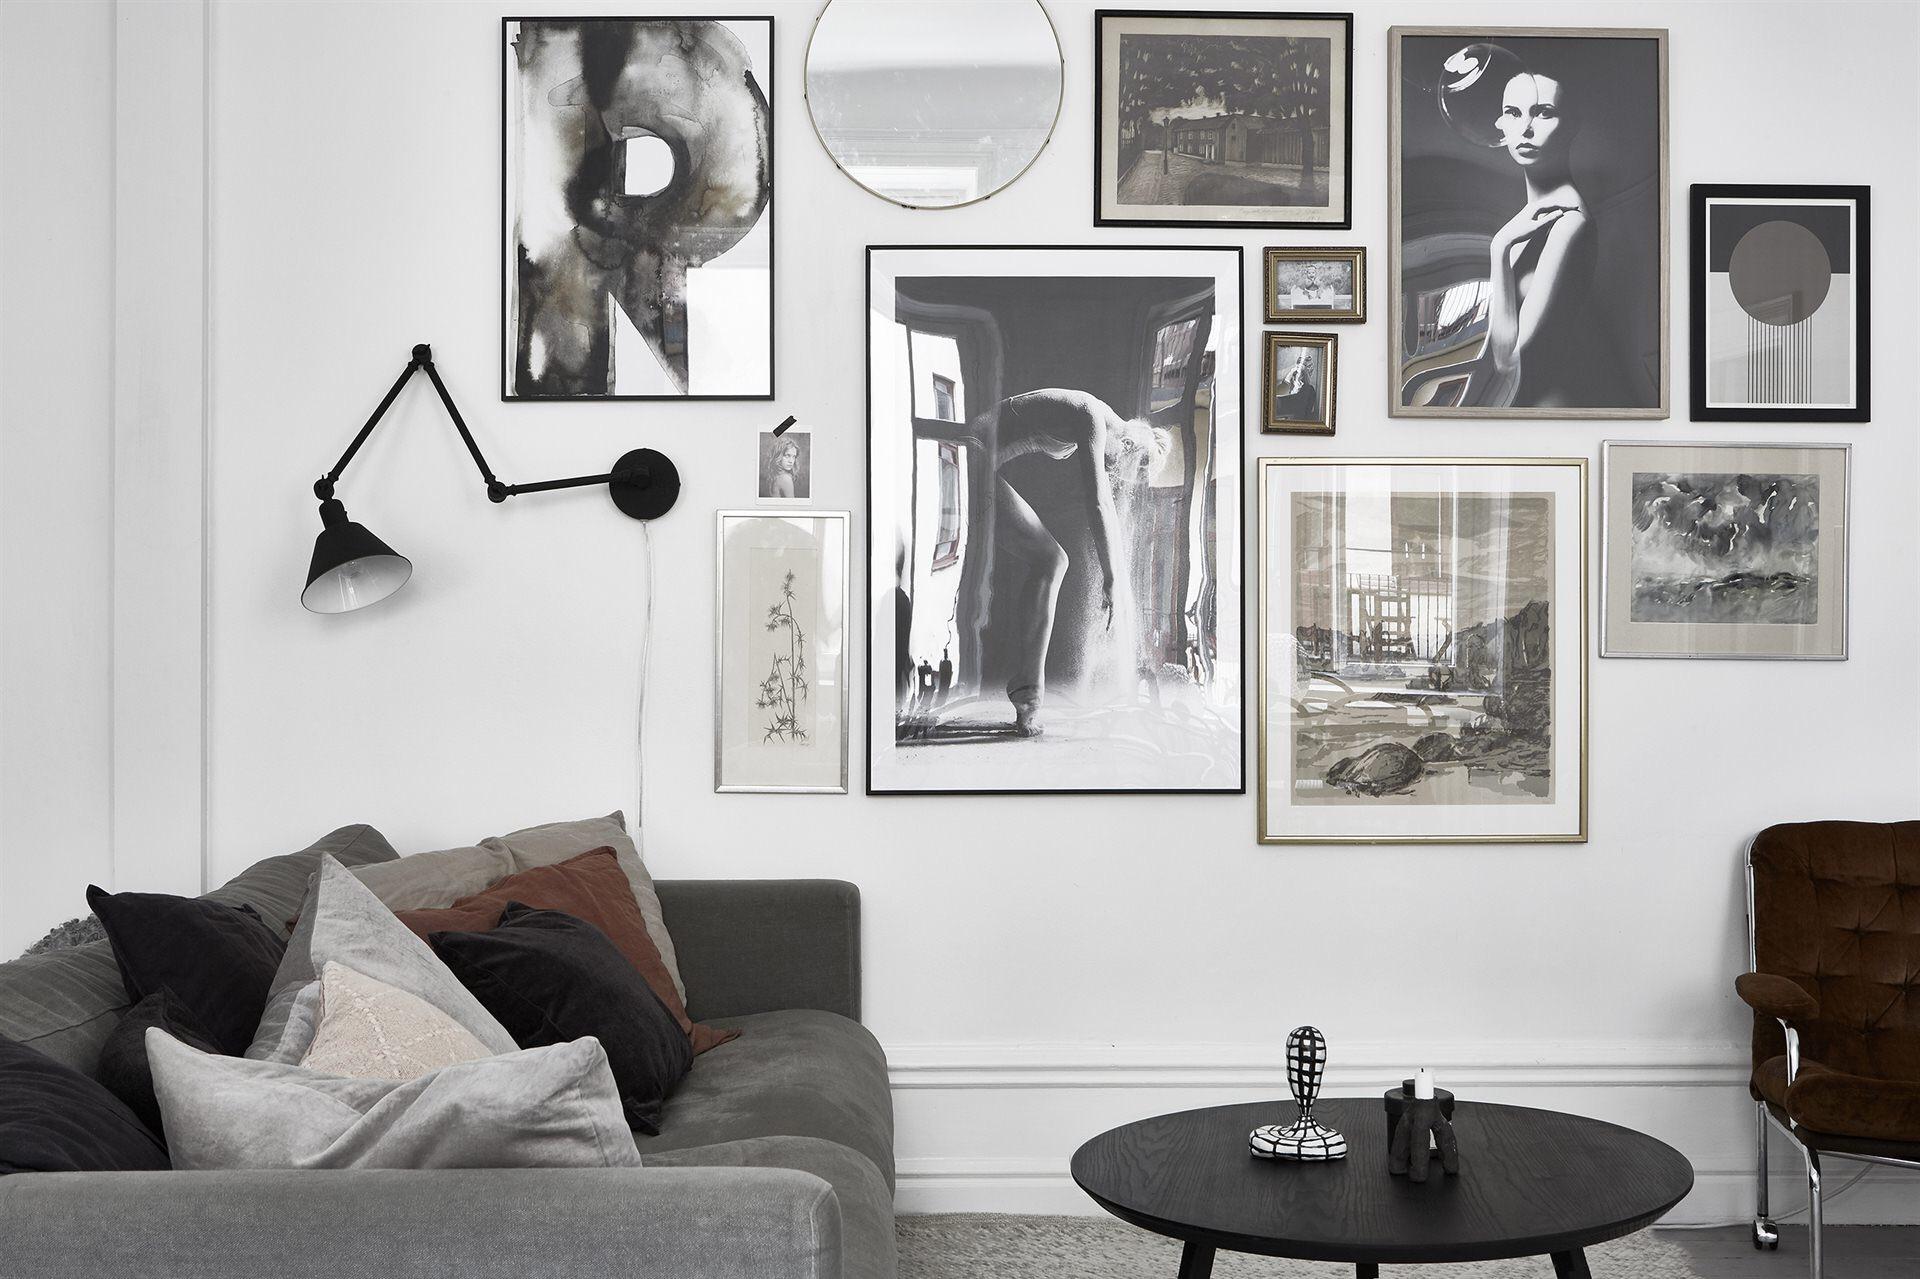 серый диван подушки круглый столик белые стены картины рамы постеры настенный светильник